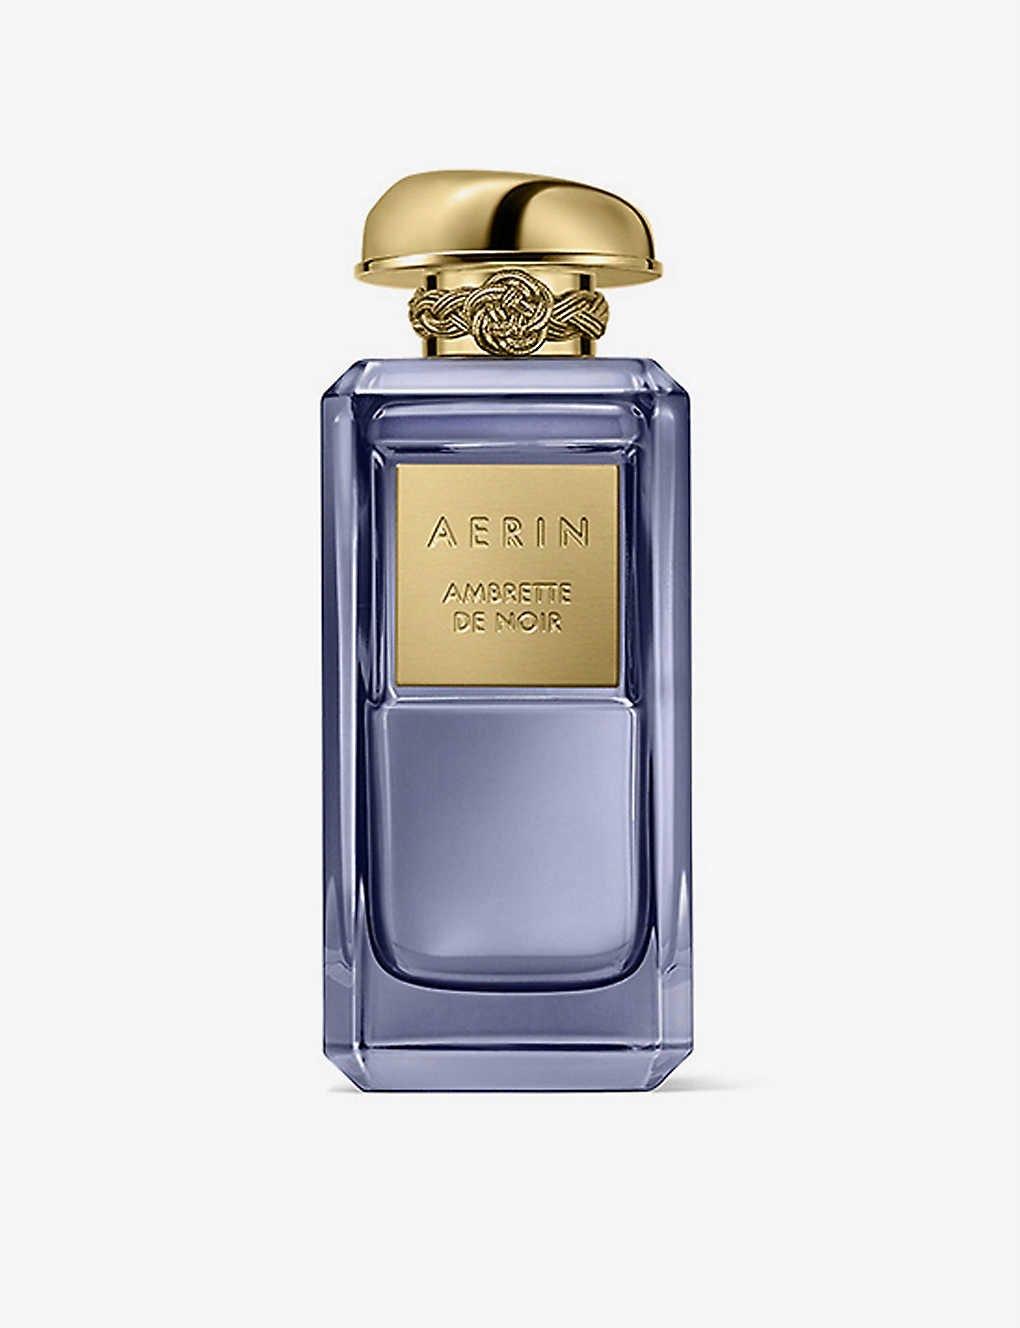 9 neue Parfums für gemütliche Winterabende zu Hause